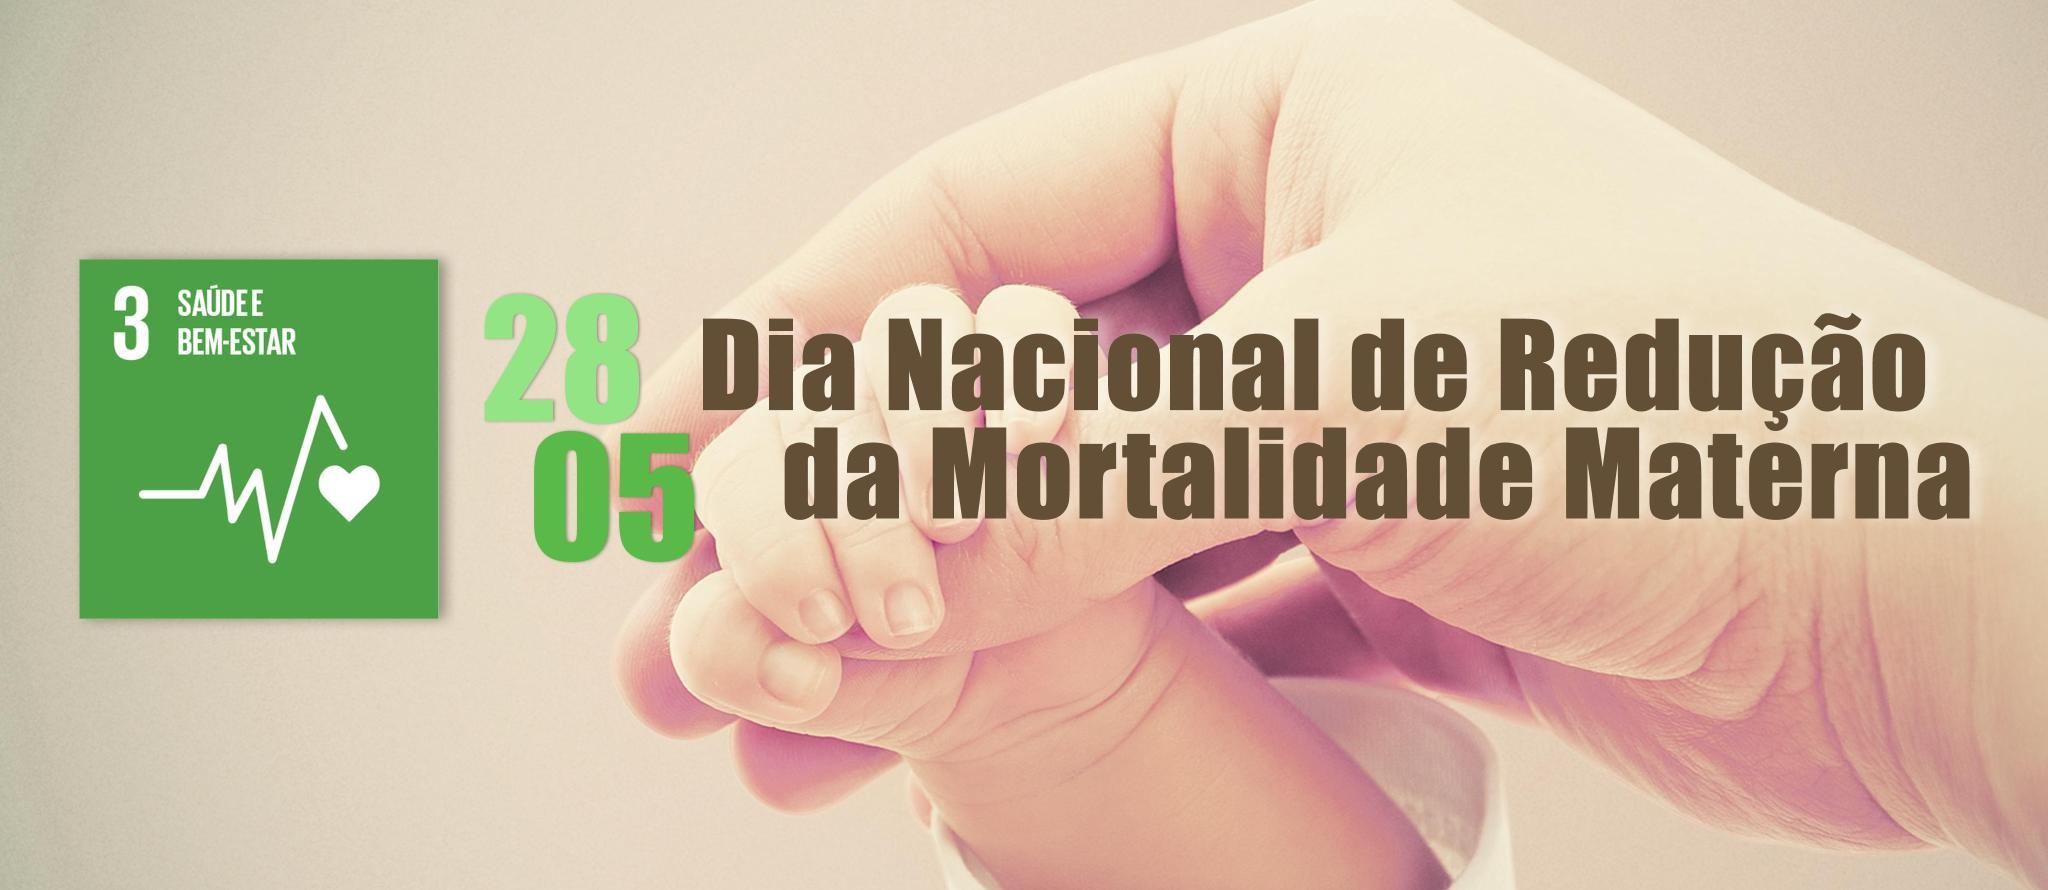 Dia Nacional de Redu��o da Mortalidade Materna - ODS 3